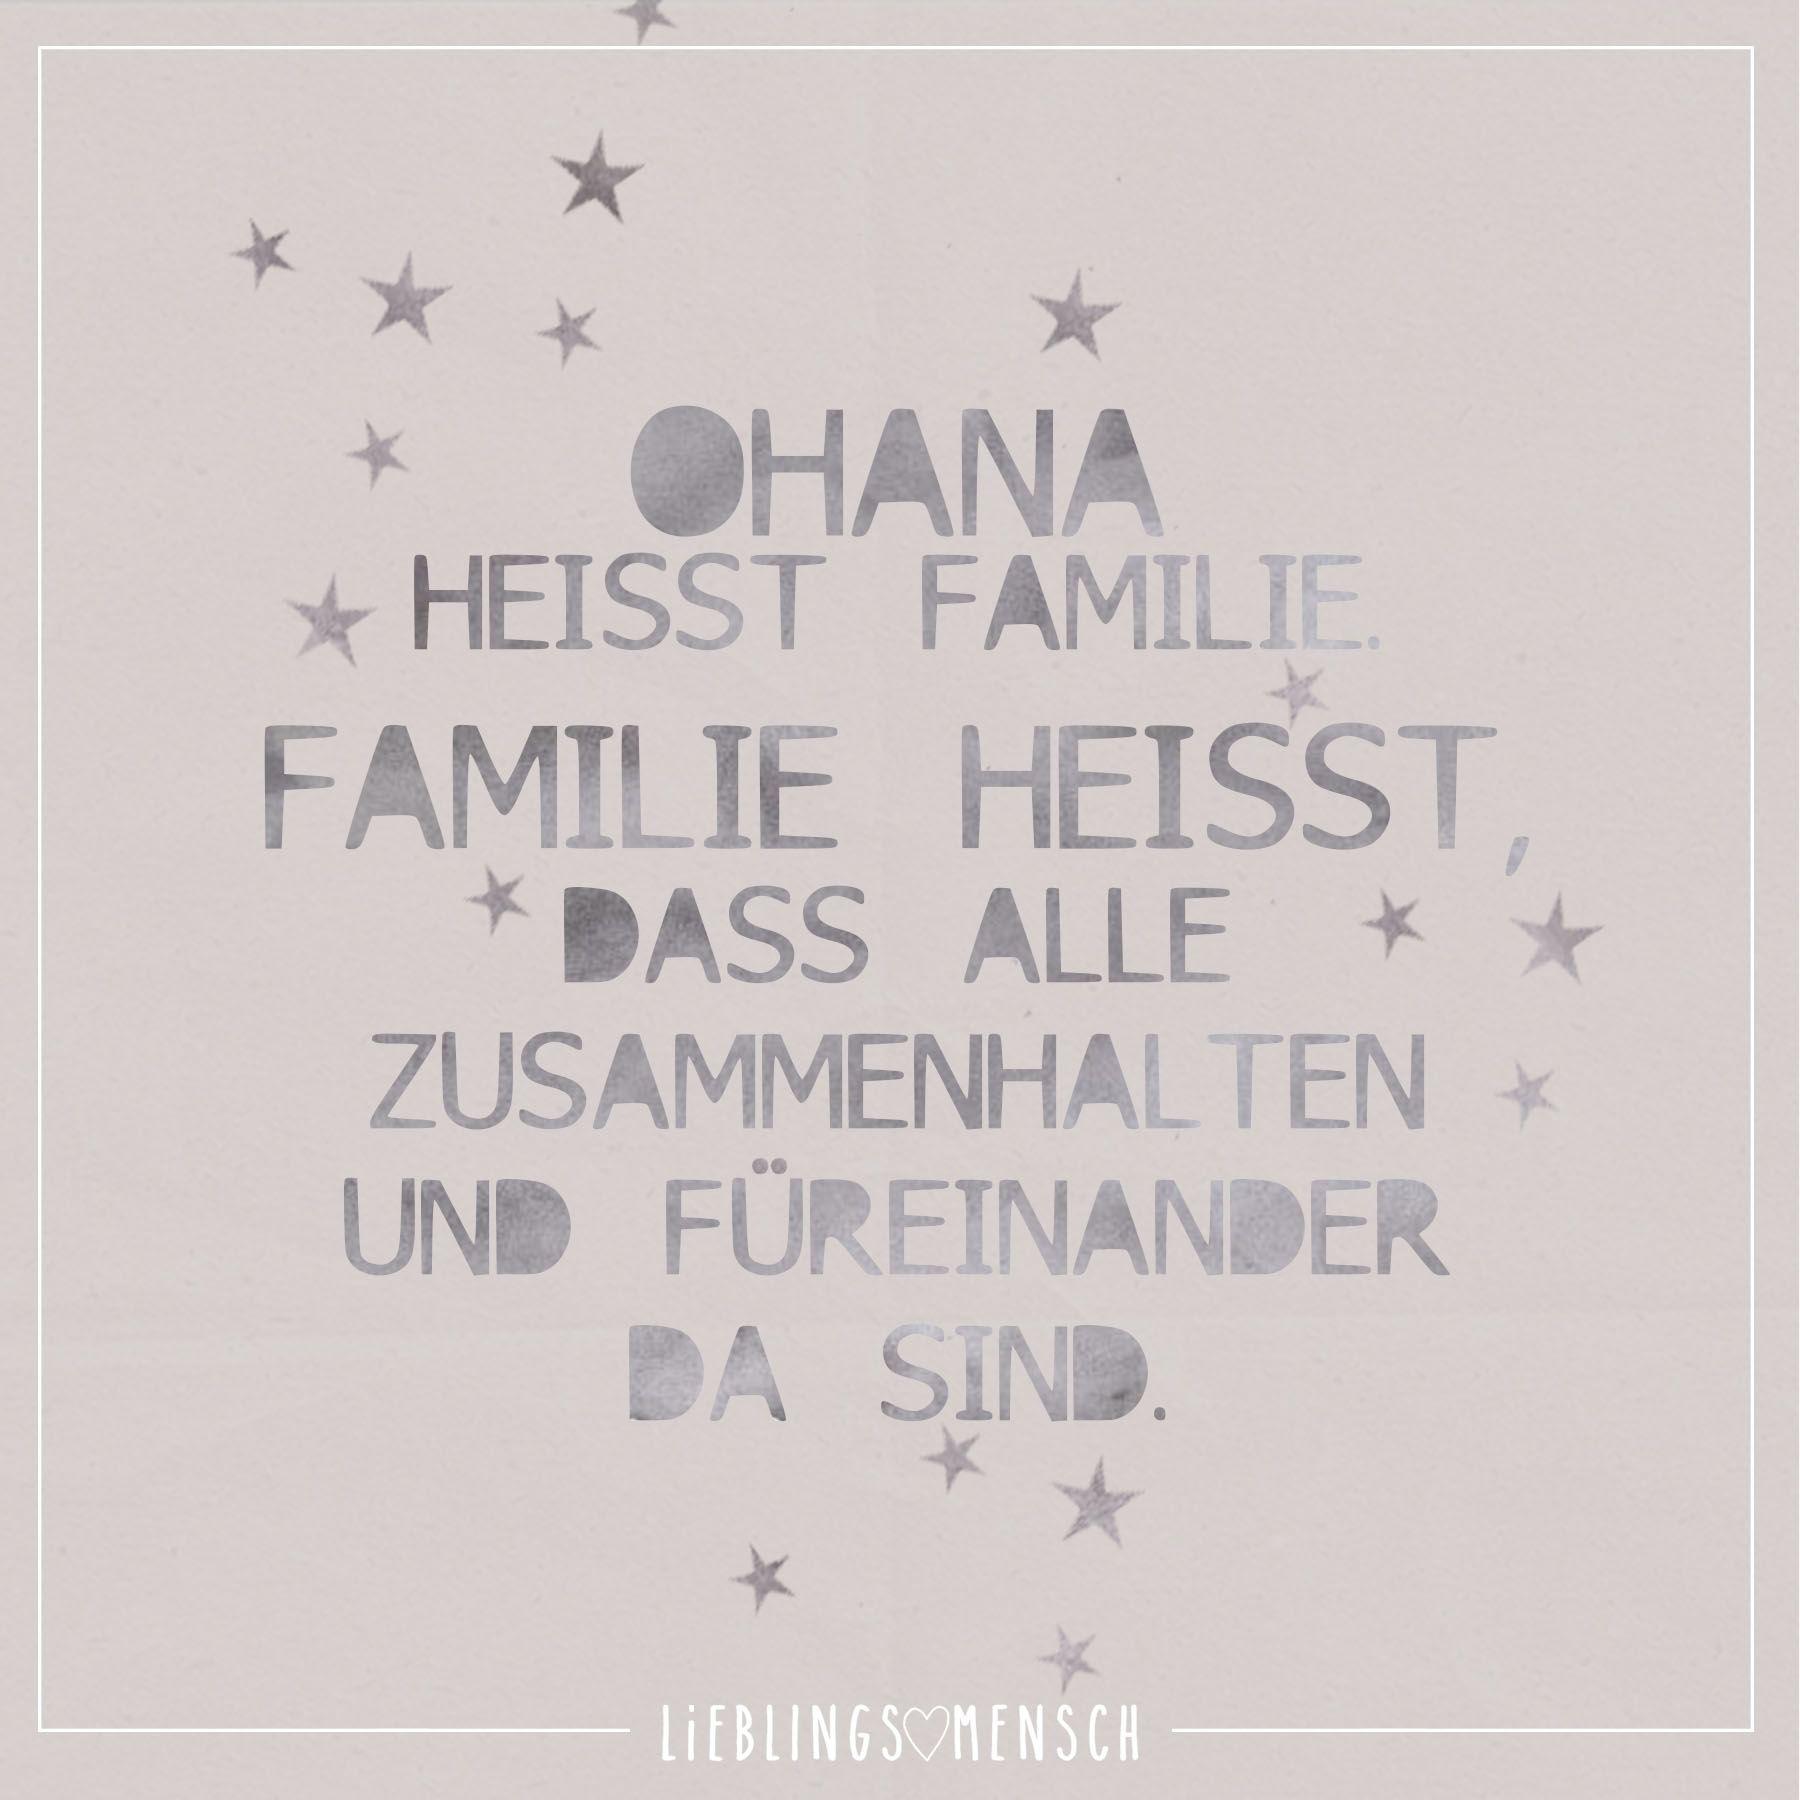 Ohana Heisst Familie Familie Heisst Dass Alle Zusammenhalten Und Fureinander Da Sind Visual Statements Zitat Familie Visual Statements Zitate Zum Thema Liebe